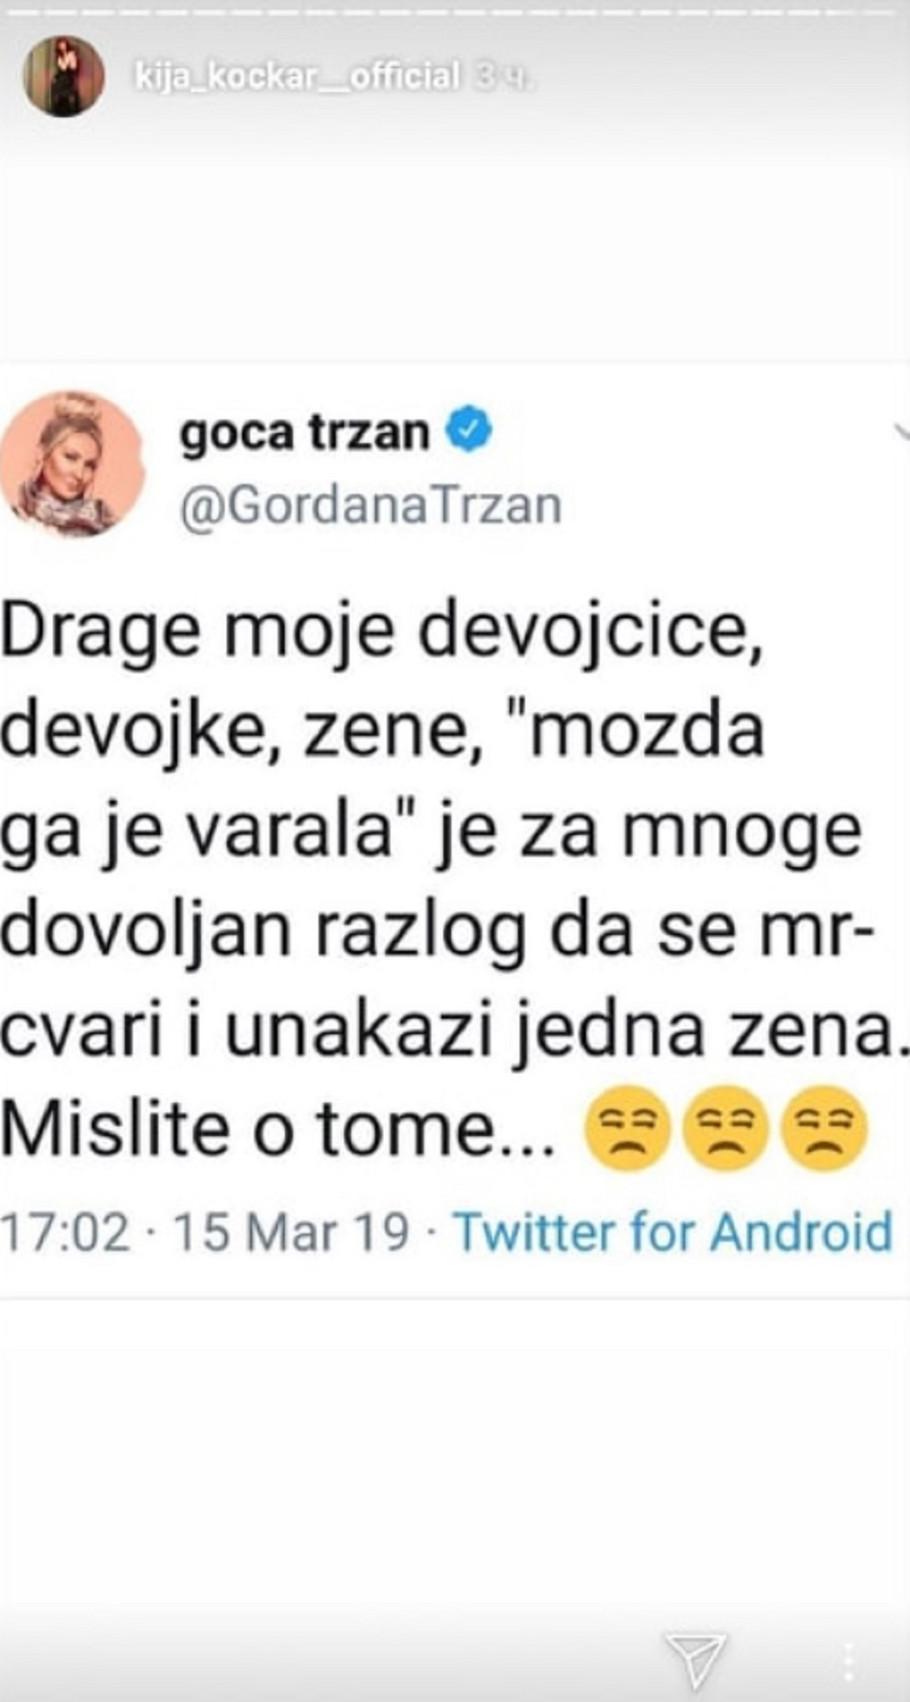 Kija podelila Gocin tvit